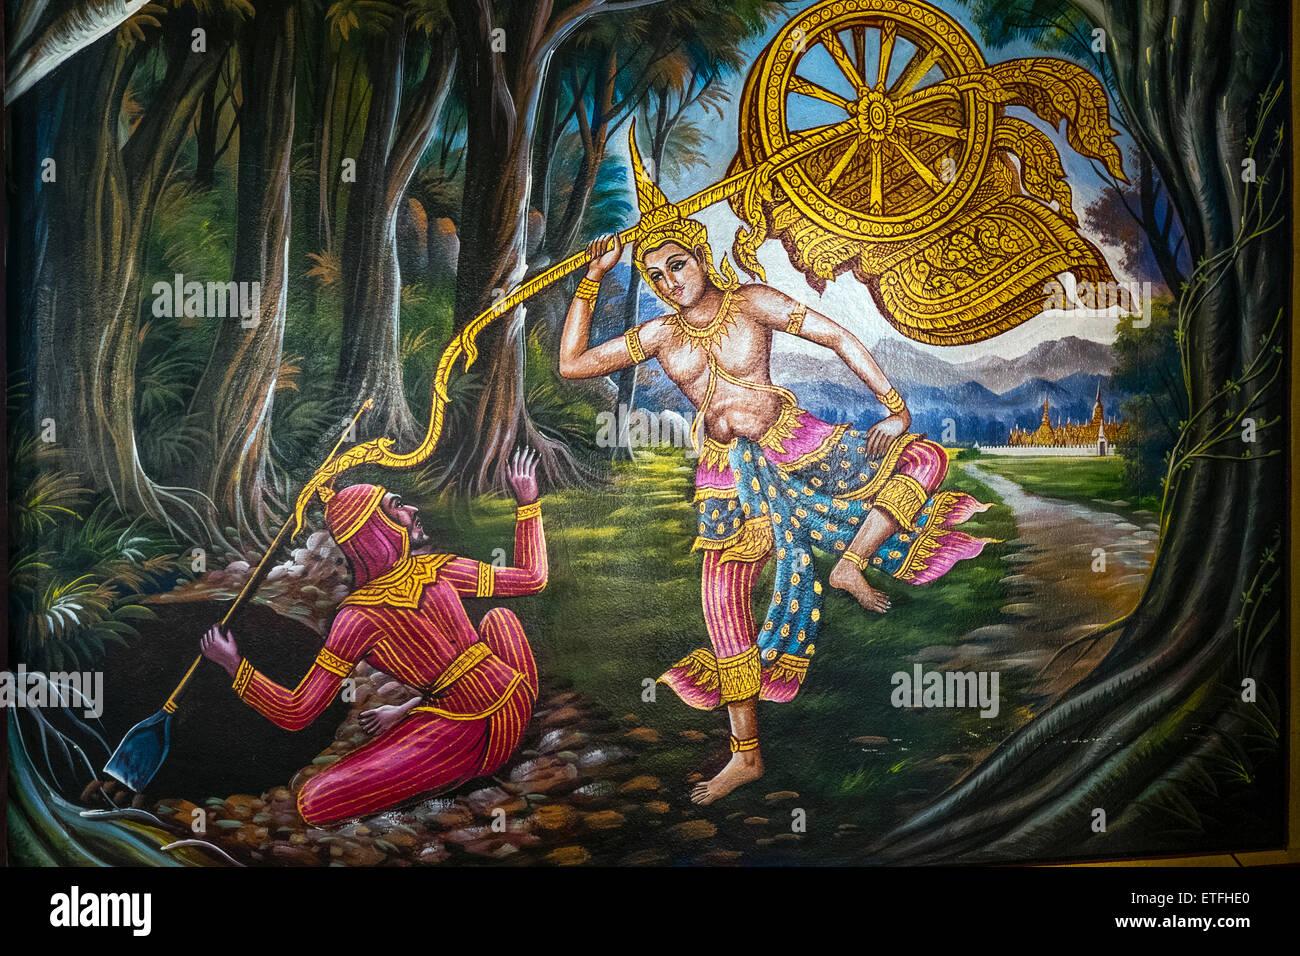 L'Asie. La Thaïlande, Chiang Mai. Temple Wat Chiang Mun. Des peintures illustrant la vie de Bouddha. Photo Stock